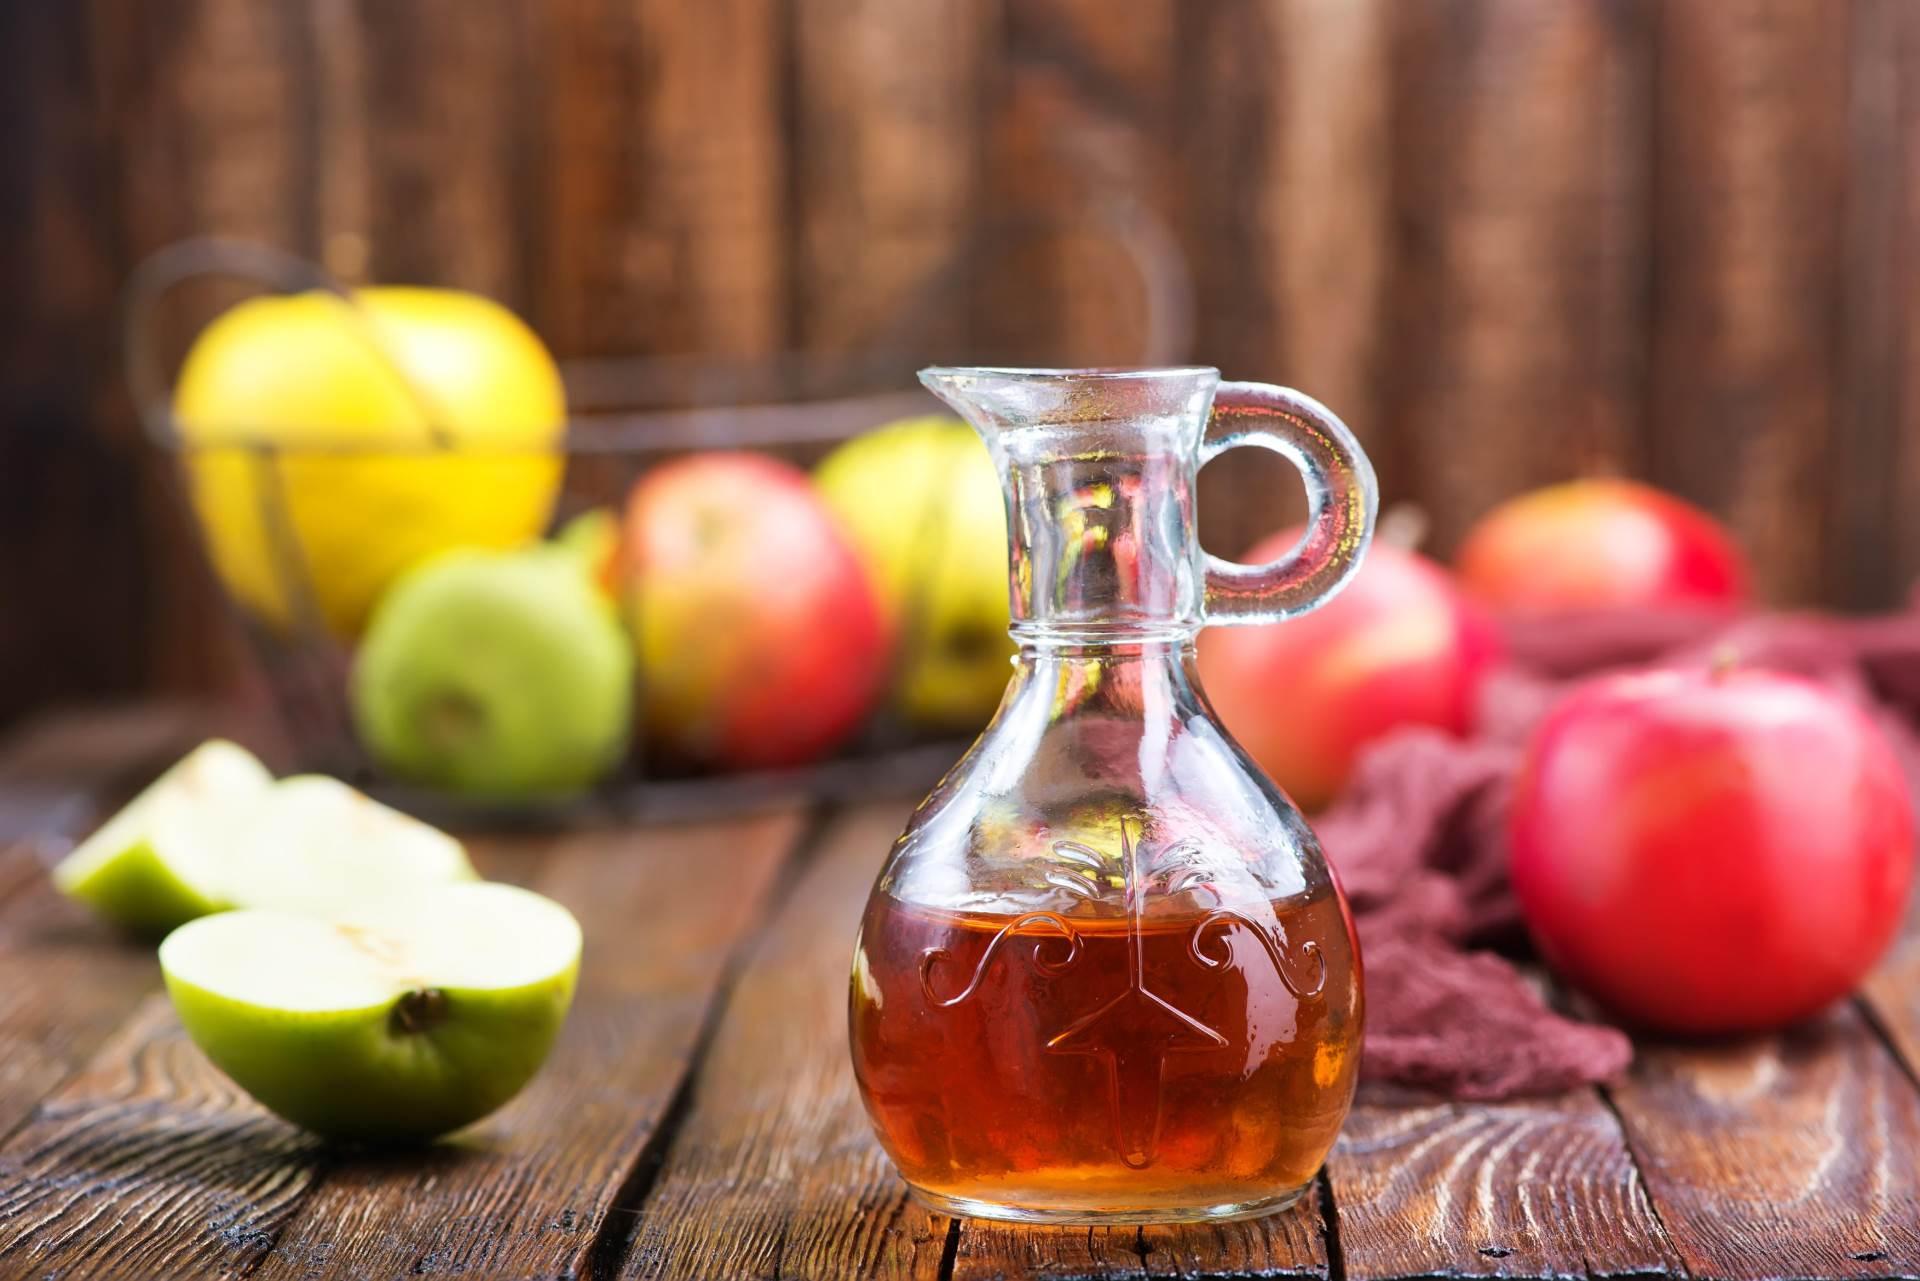 Baza tinkture je jabukovača